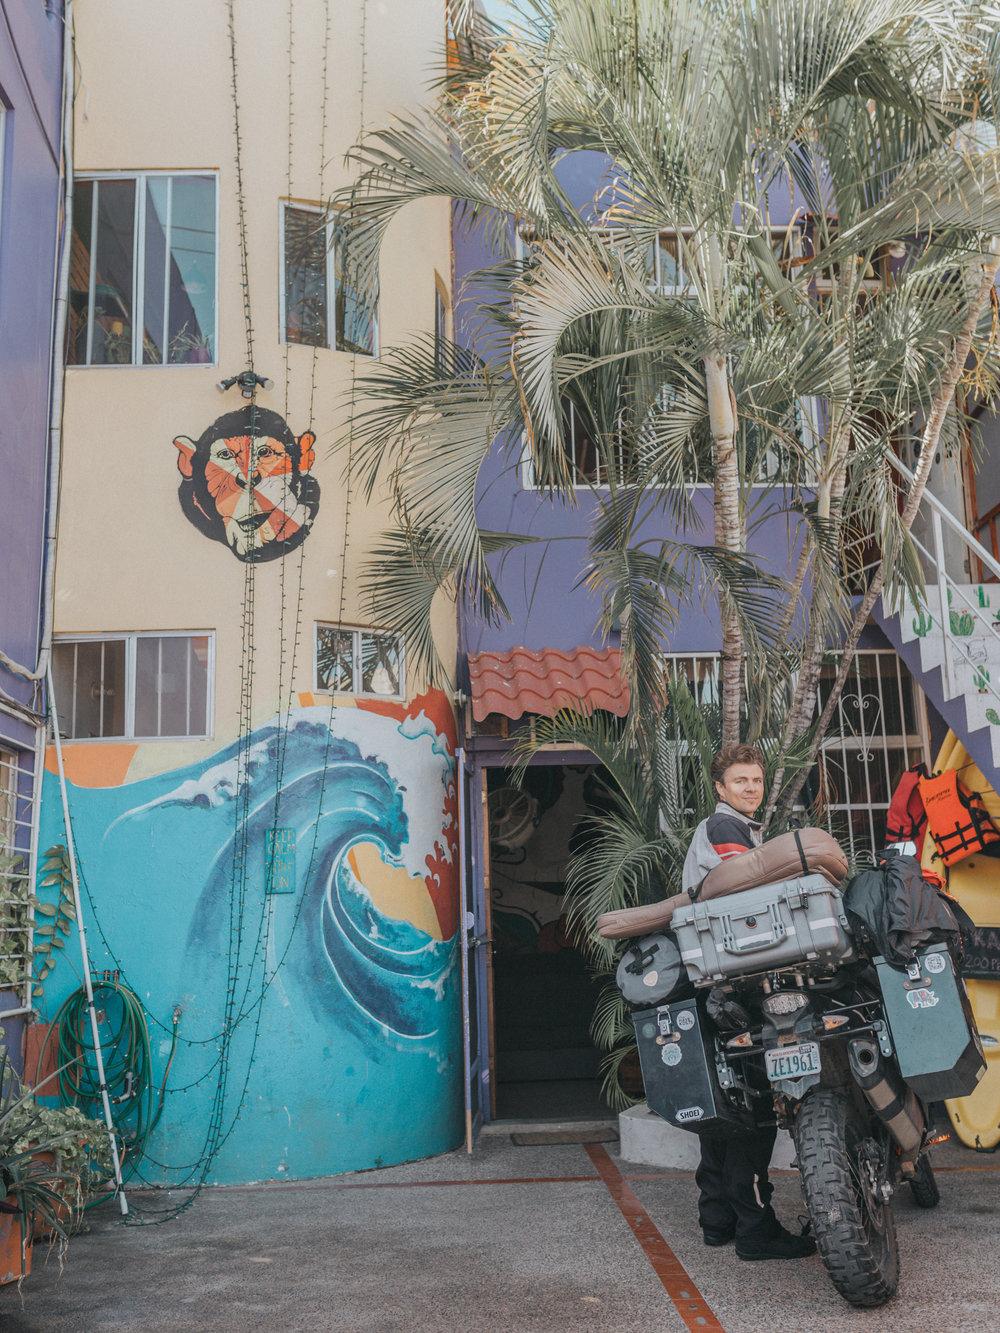 Outside our hostel in Mazatlan, Funky Monkey Hostel.